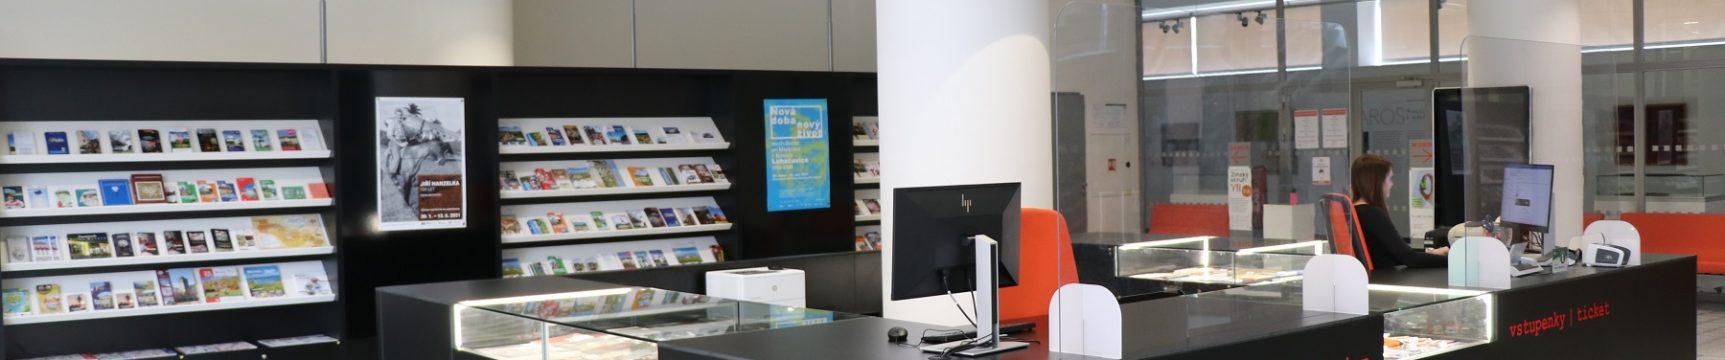 28. května bude slavnostně otevřeno nové Krajské Turistické Informační Centrum ve 14|15 BAŤOVĚ INSTITUTU